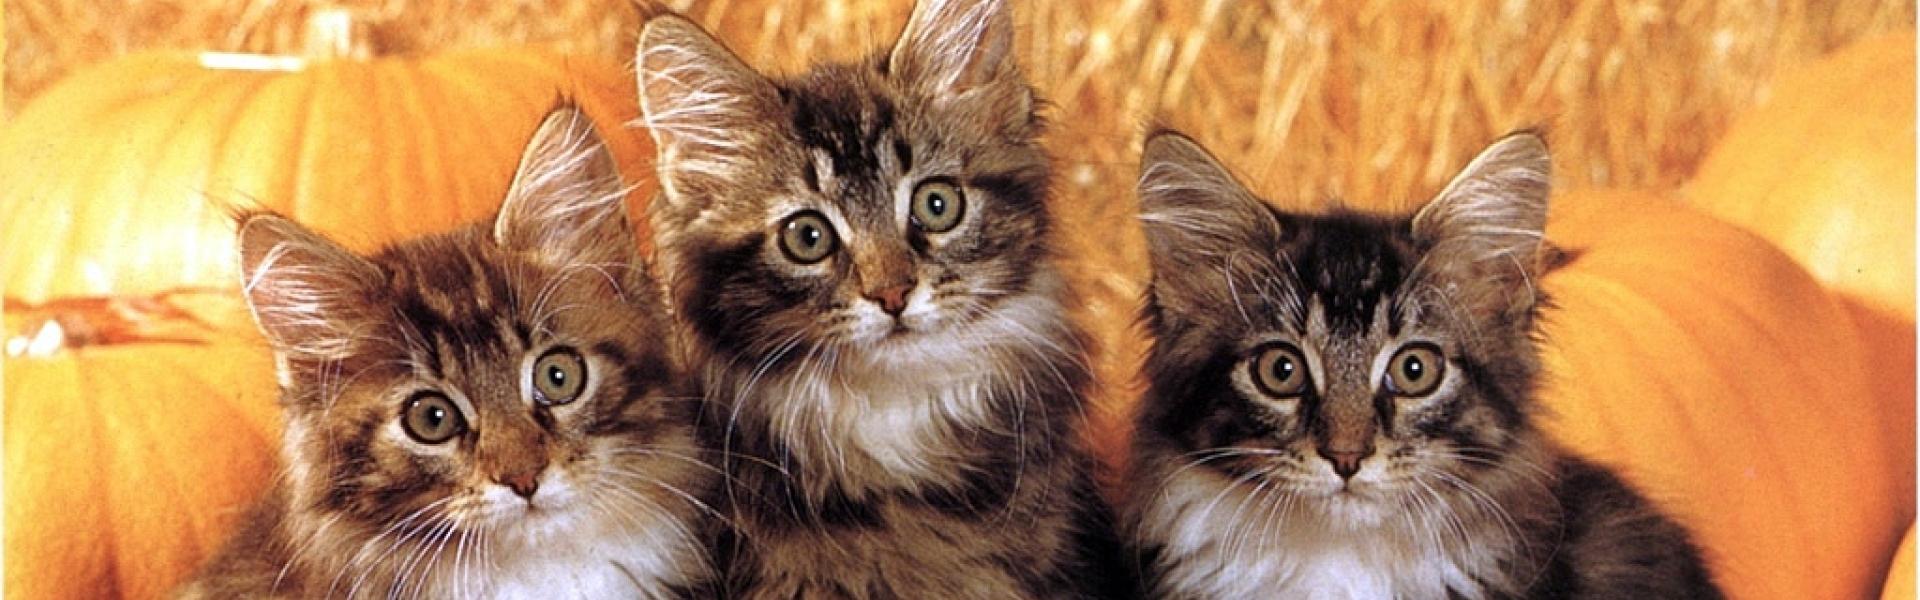 """""""Serios? Nu pot să cred!"""" - 10 animale extrem de interesate de ceea ce spui – Foto"""